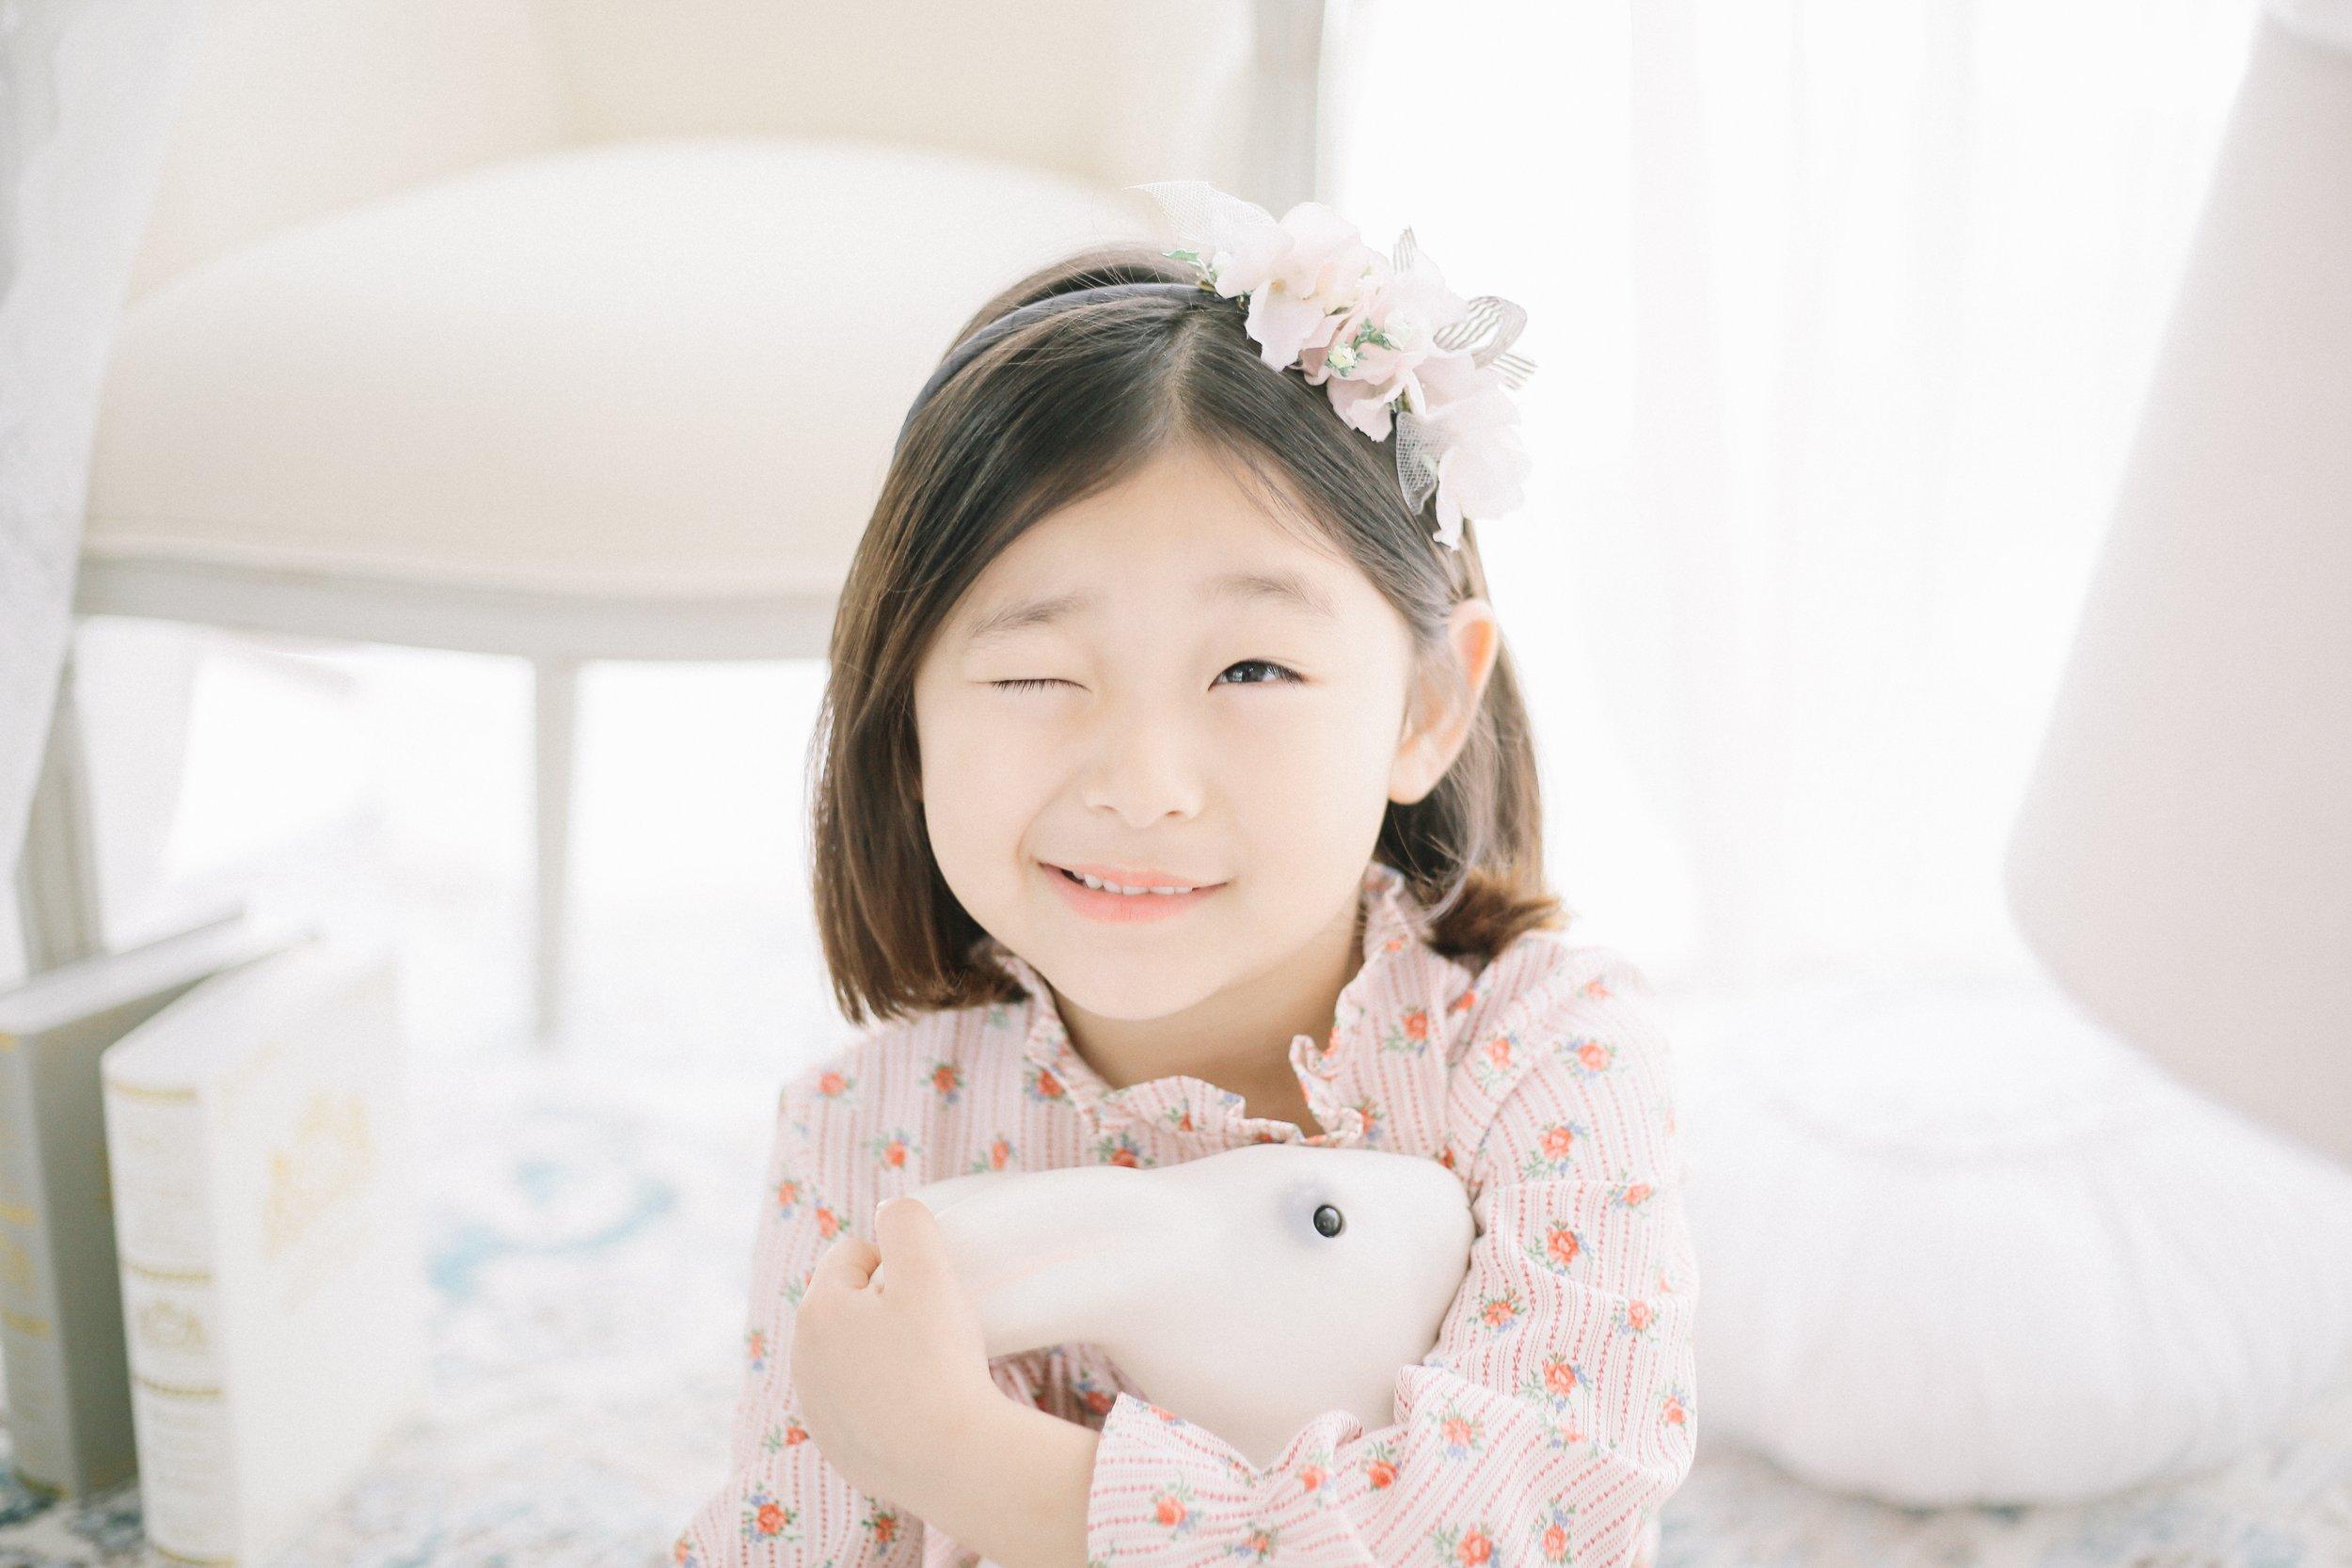 myung-won-seo-675411-unsplash.jpg